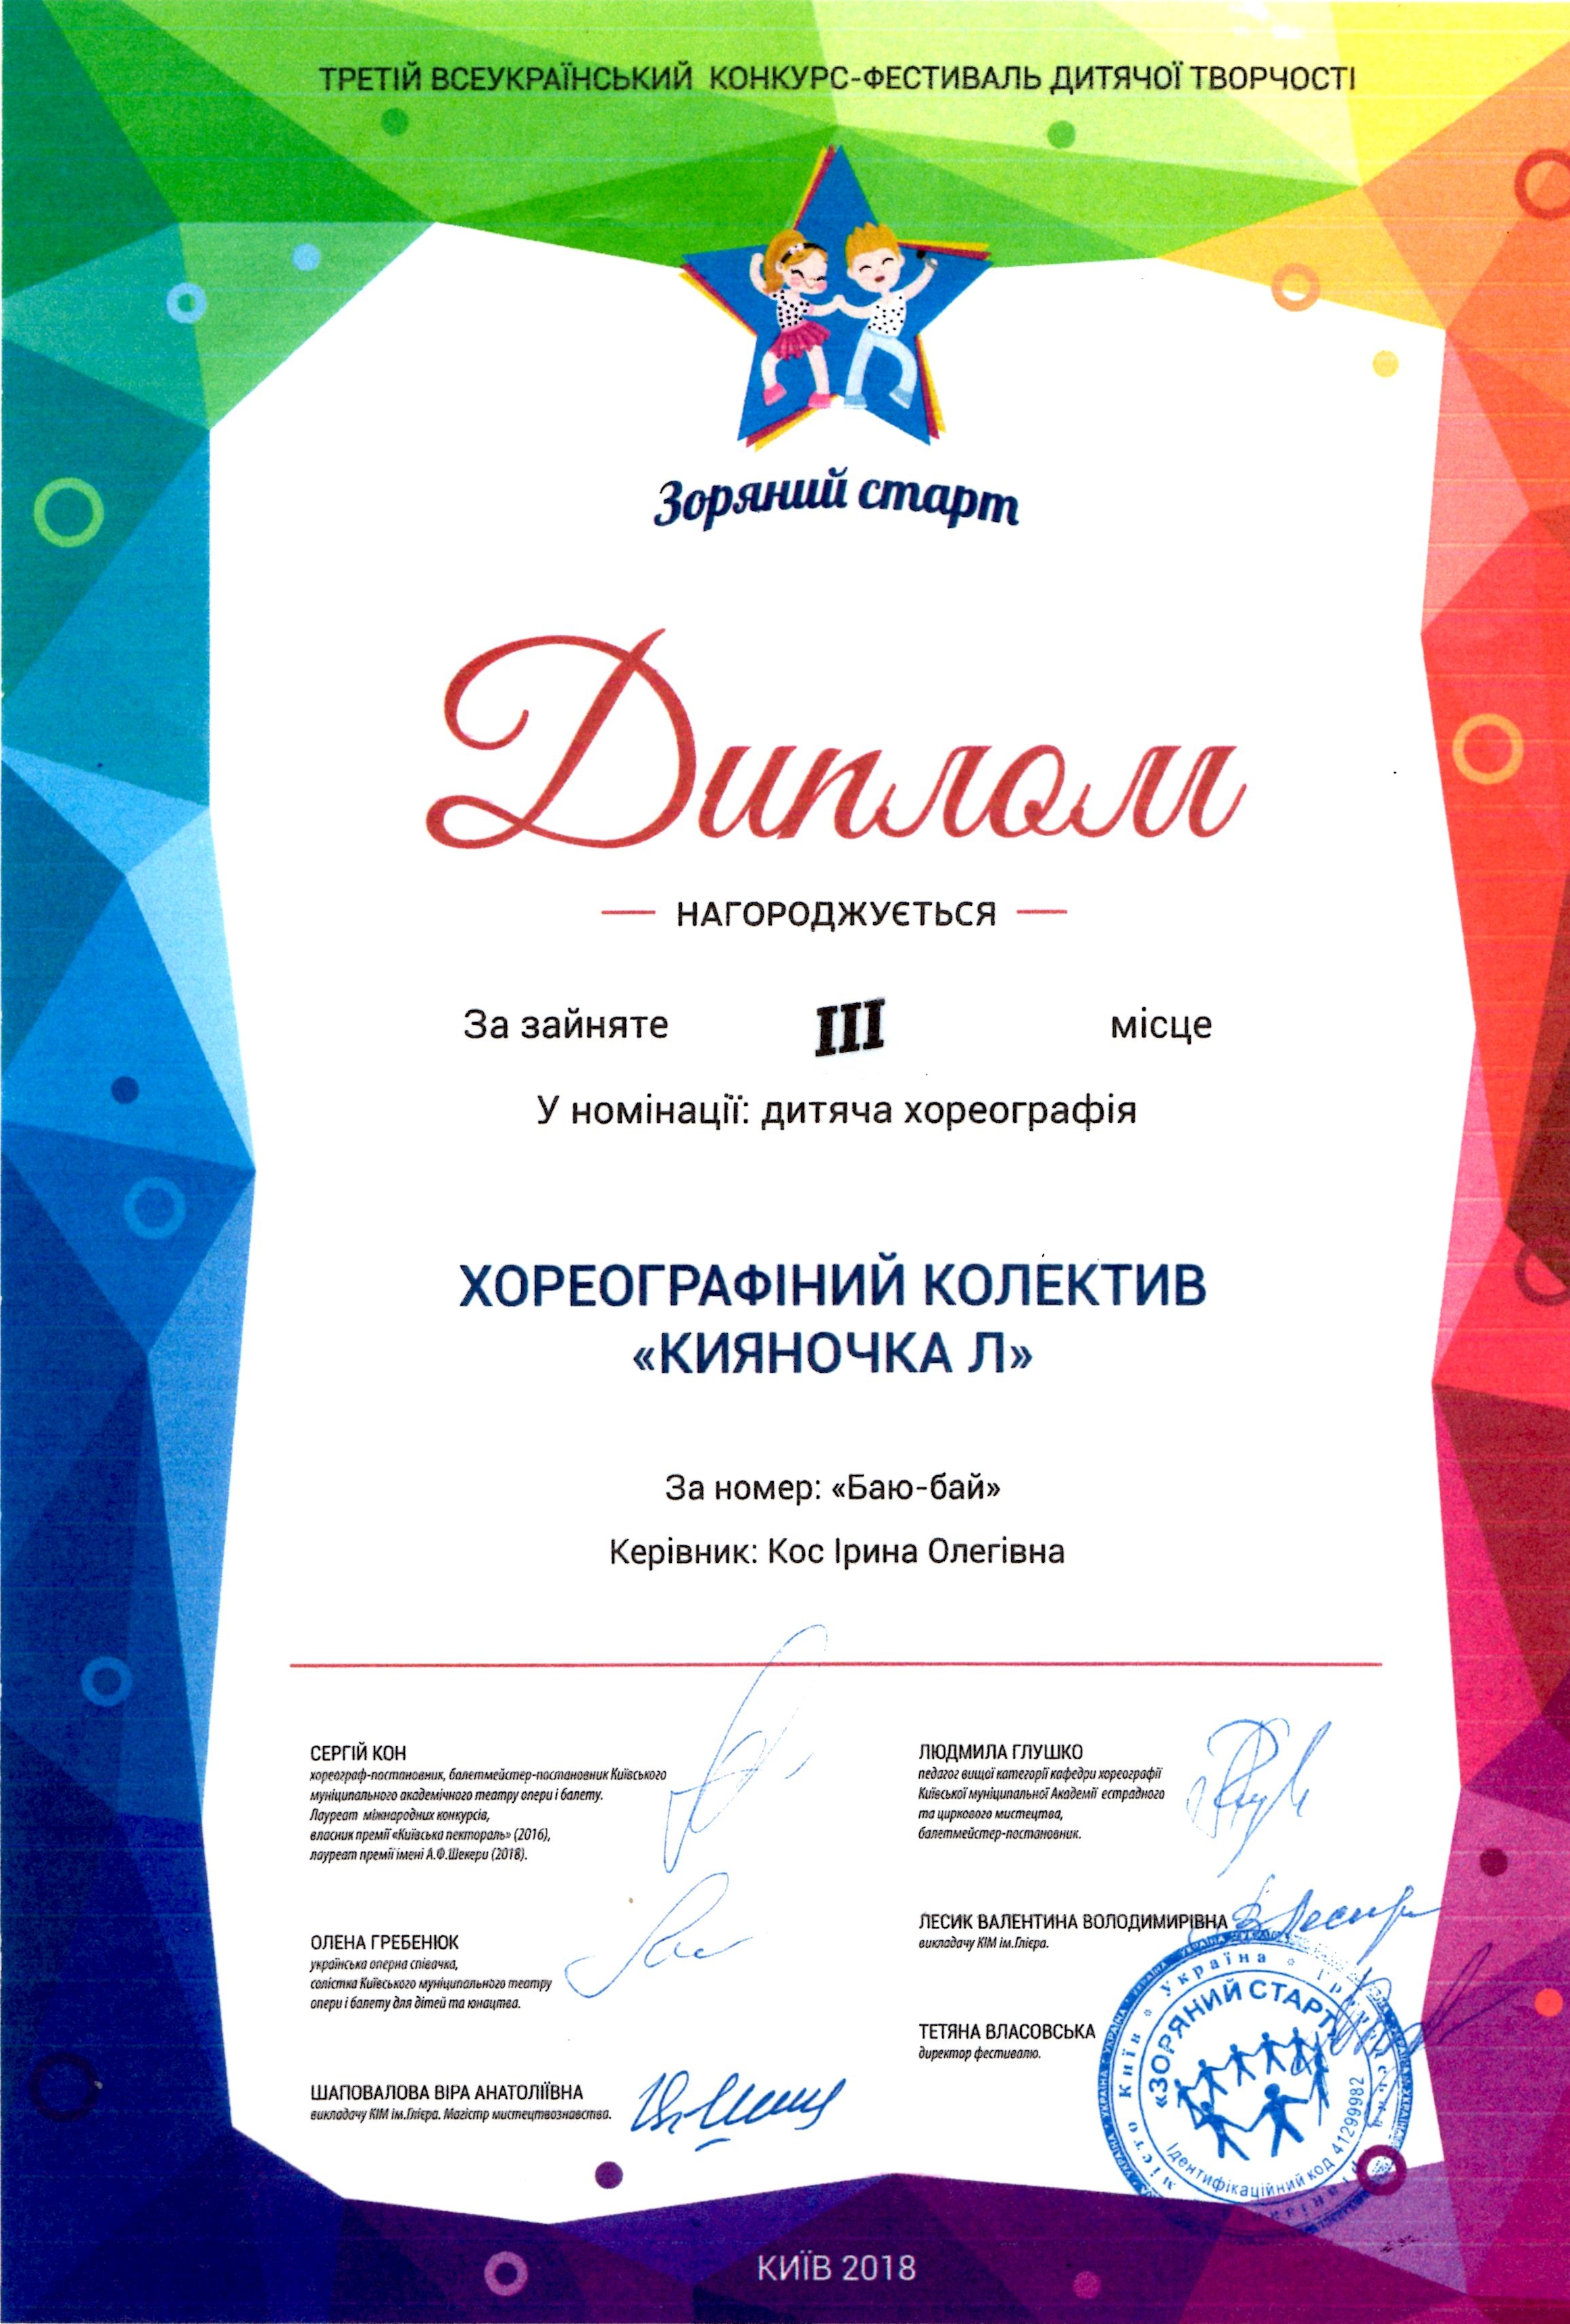 Третій всеукраїнський конкурс-фестиваль дитячої творчості